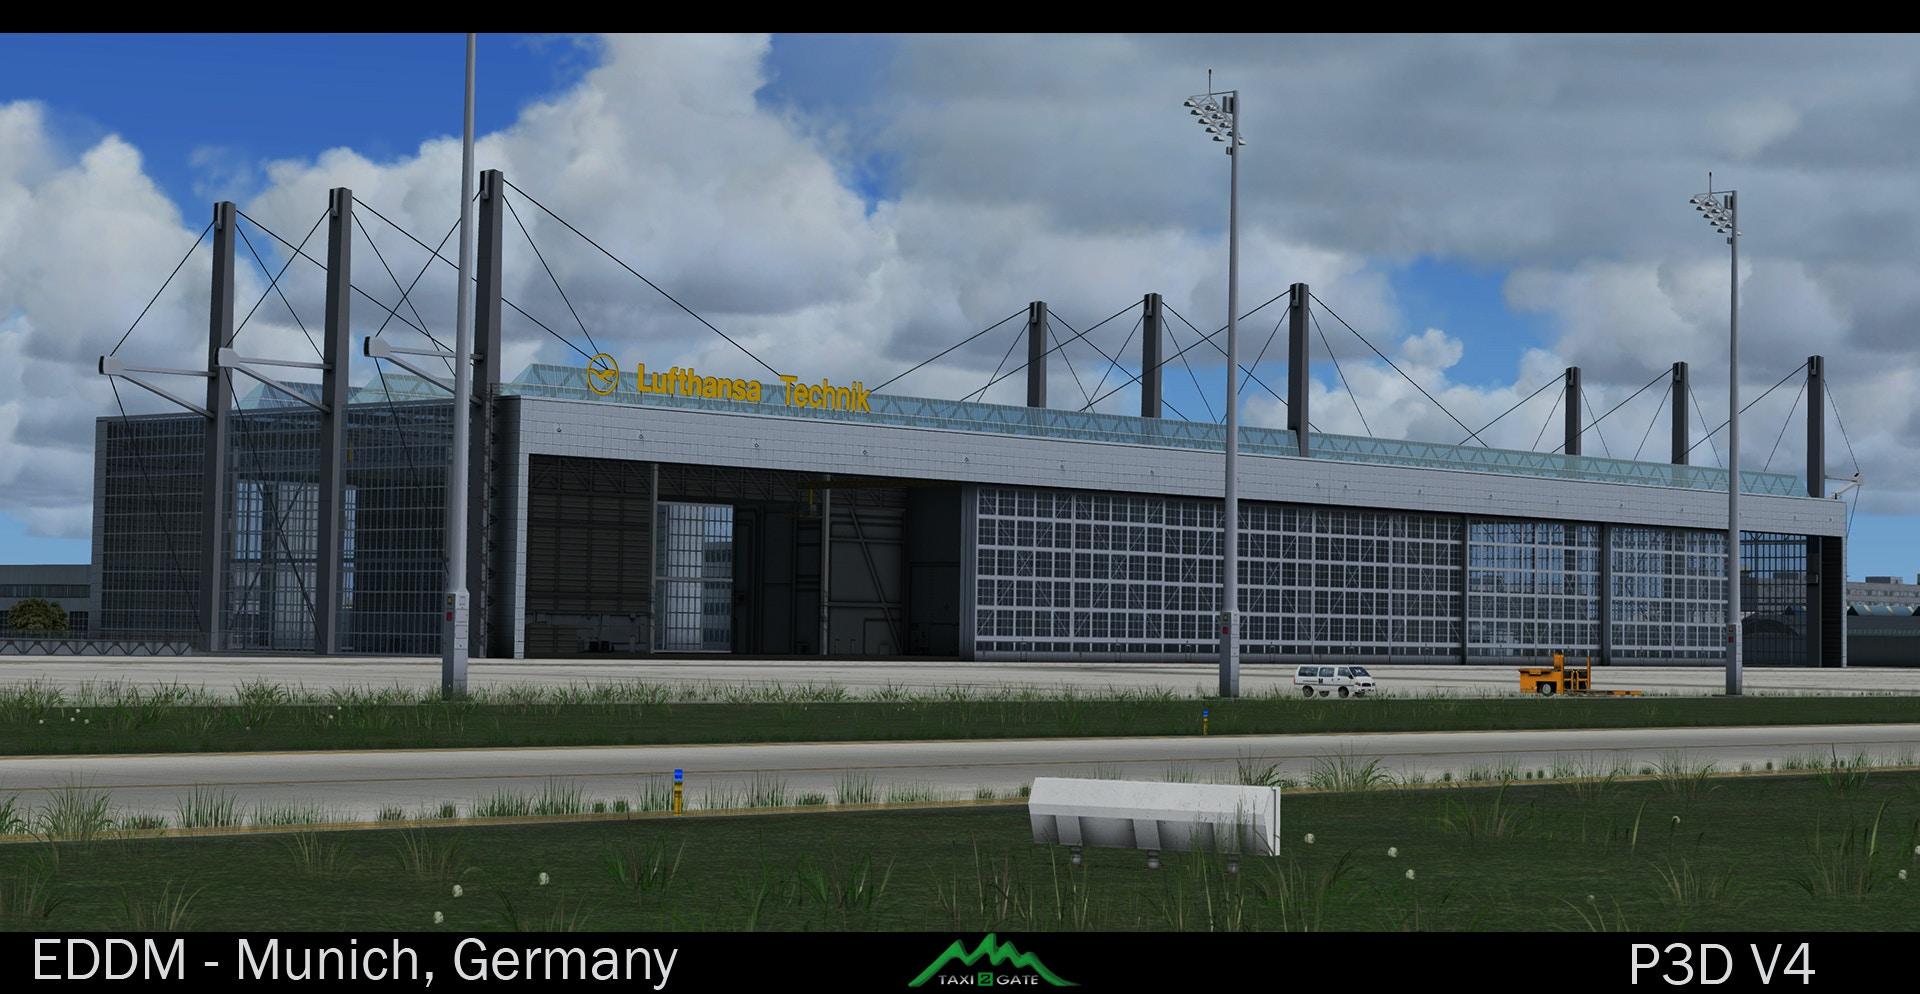 Taxi2Gate – Munich Airport (EDDM / MUC) – DCTRY